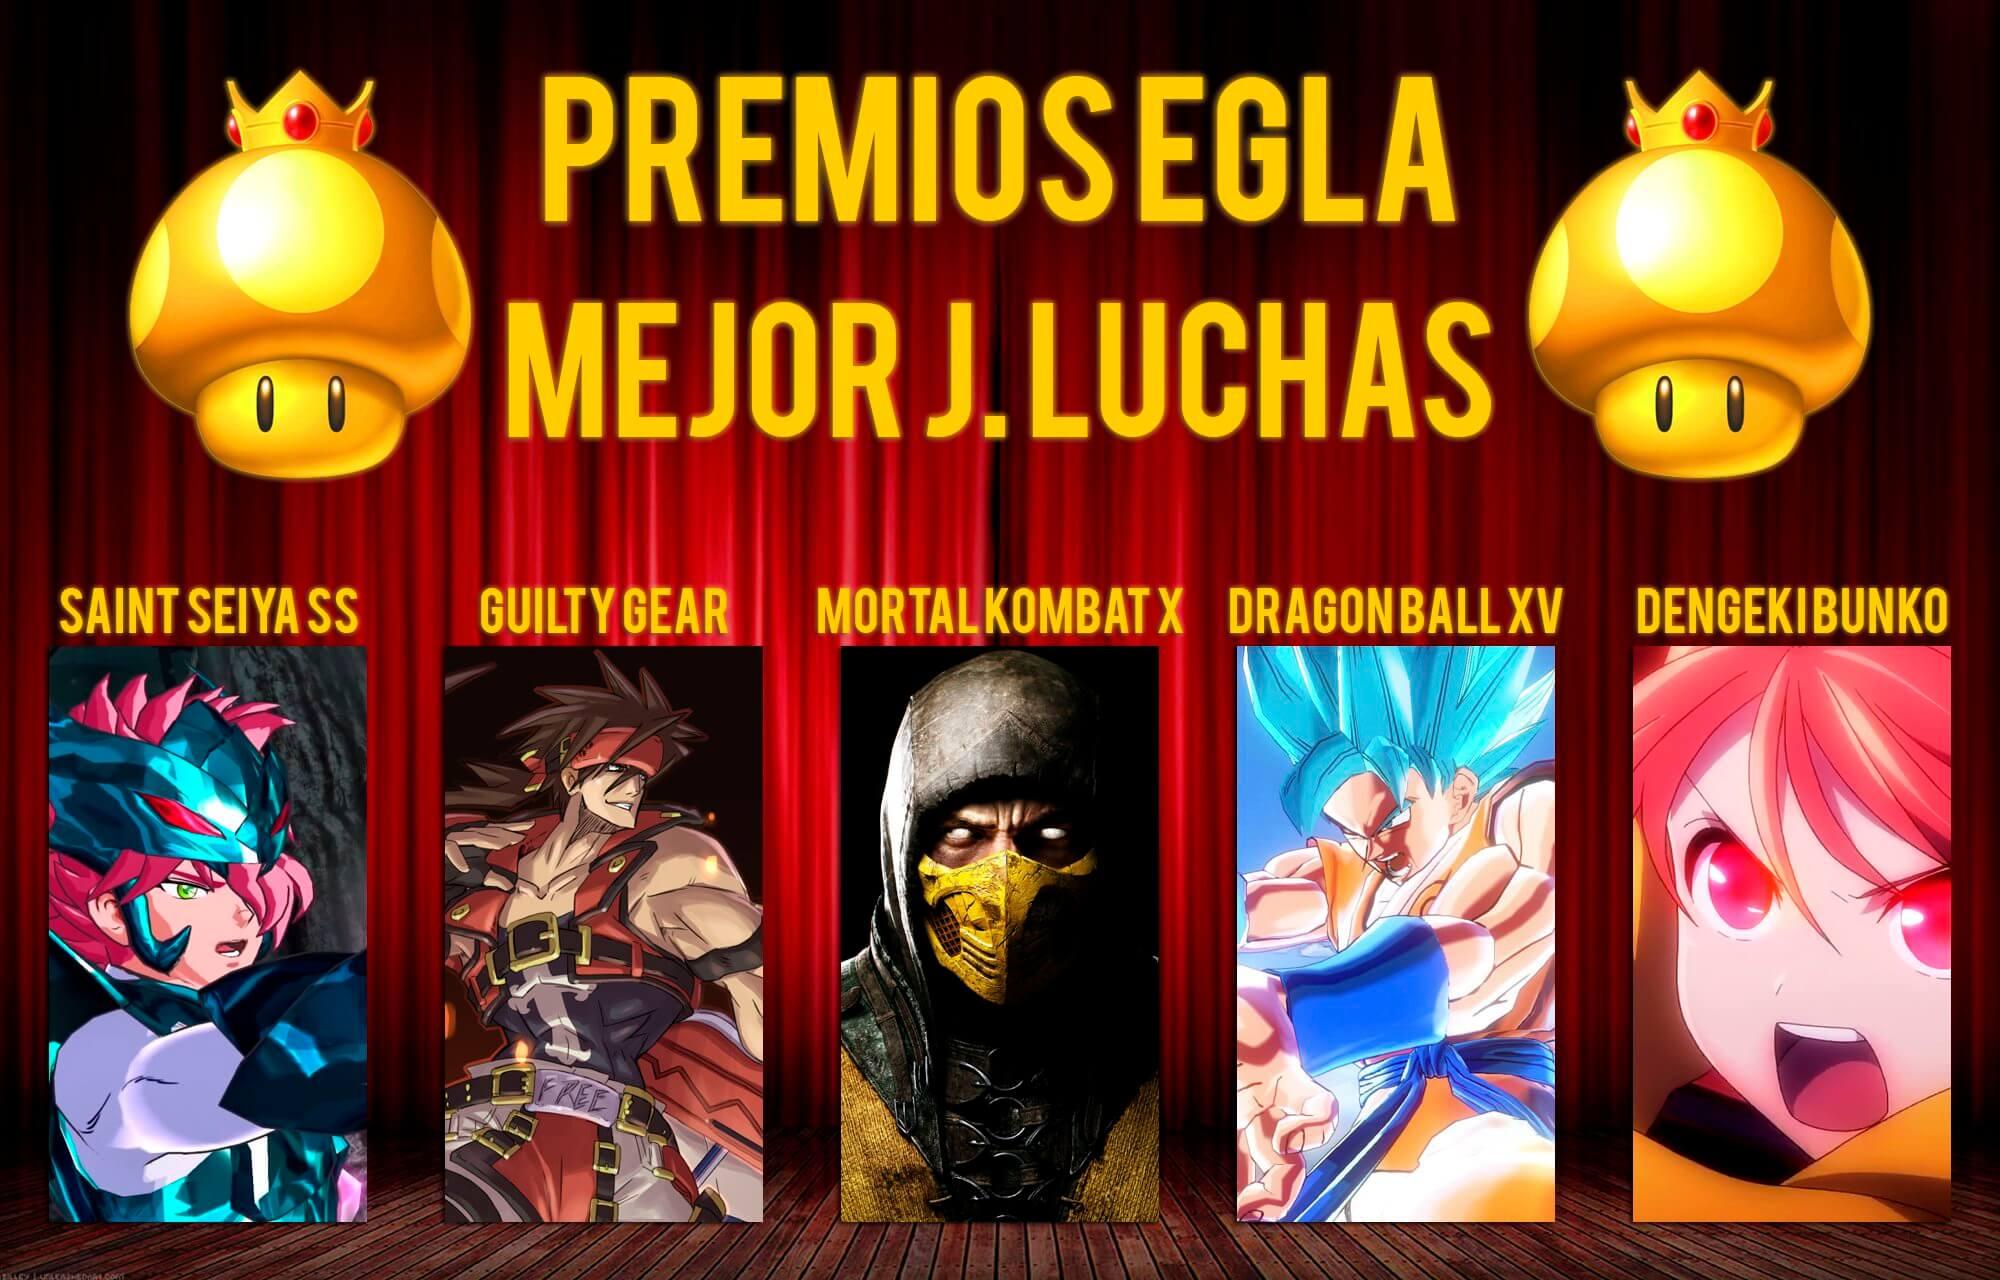 Premios EGLA 2015 Mejor juego de Luchas